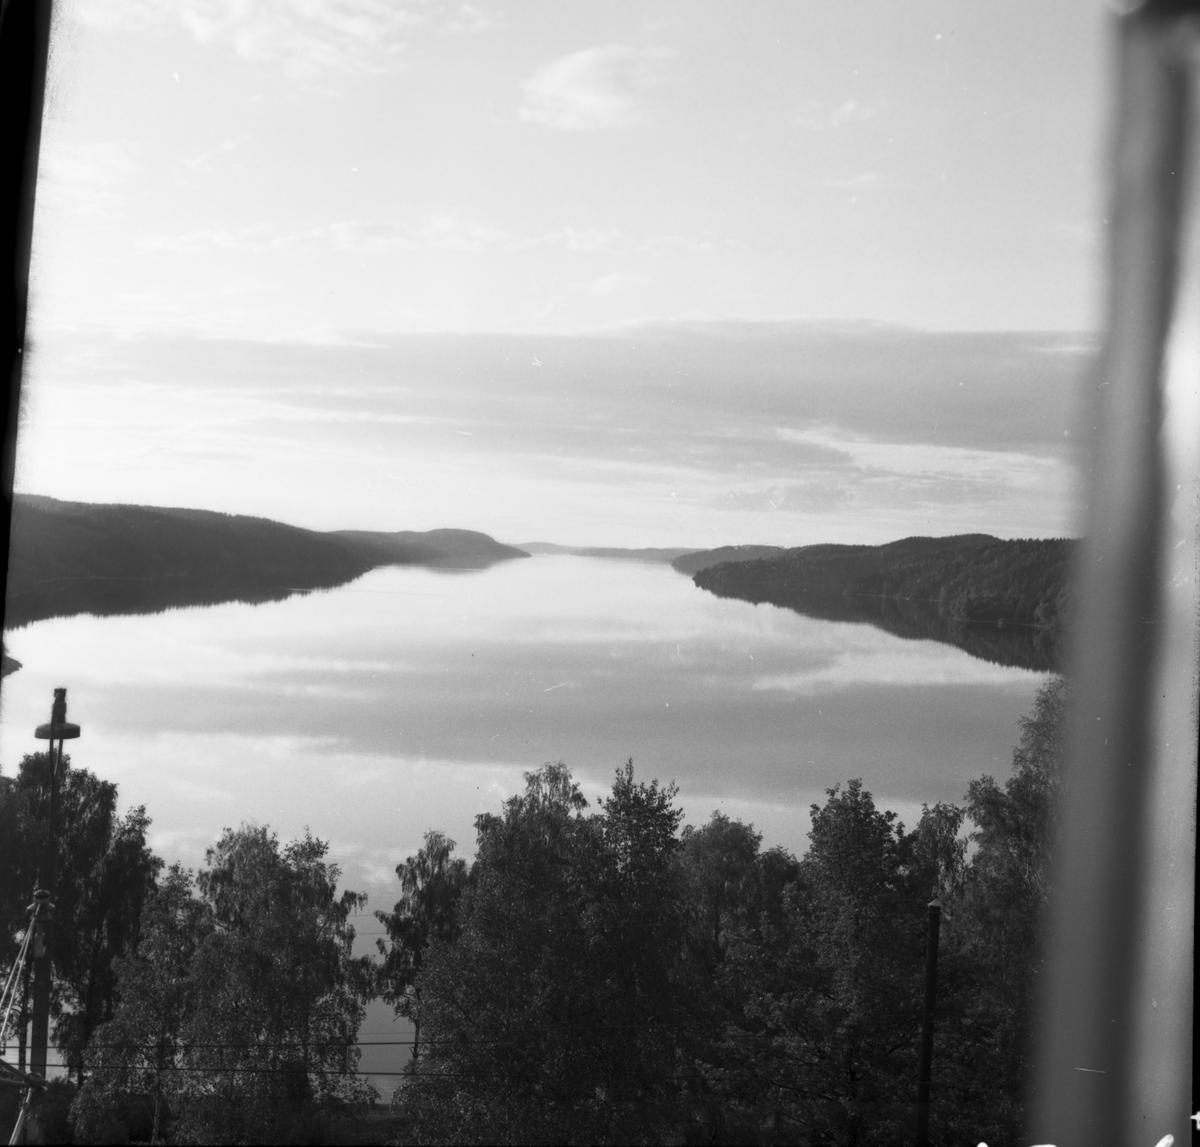 Utsikt över Stora Le. Dals-ed